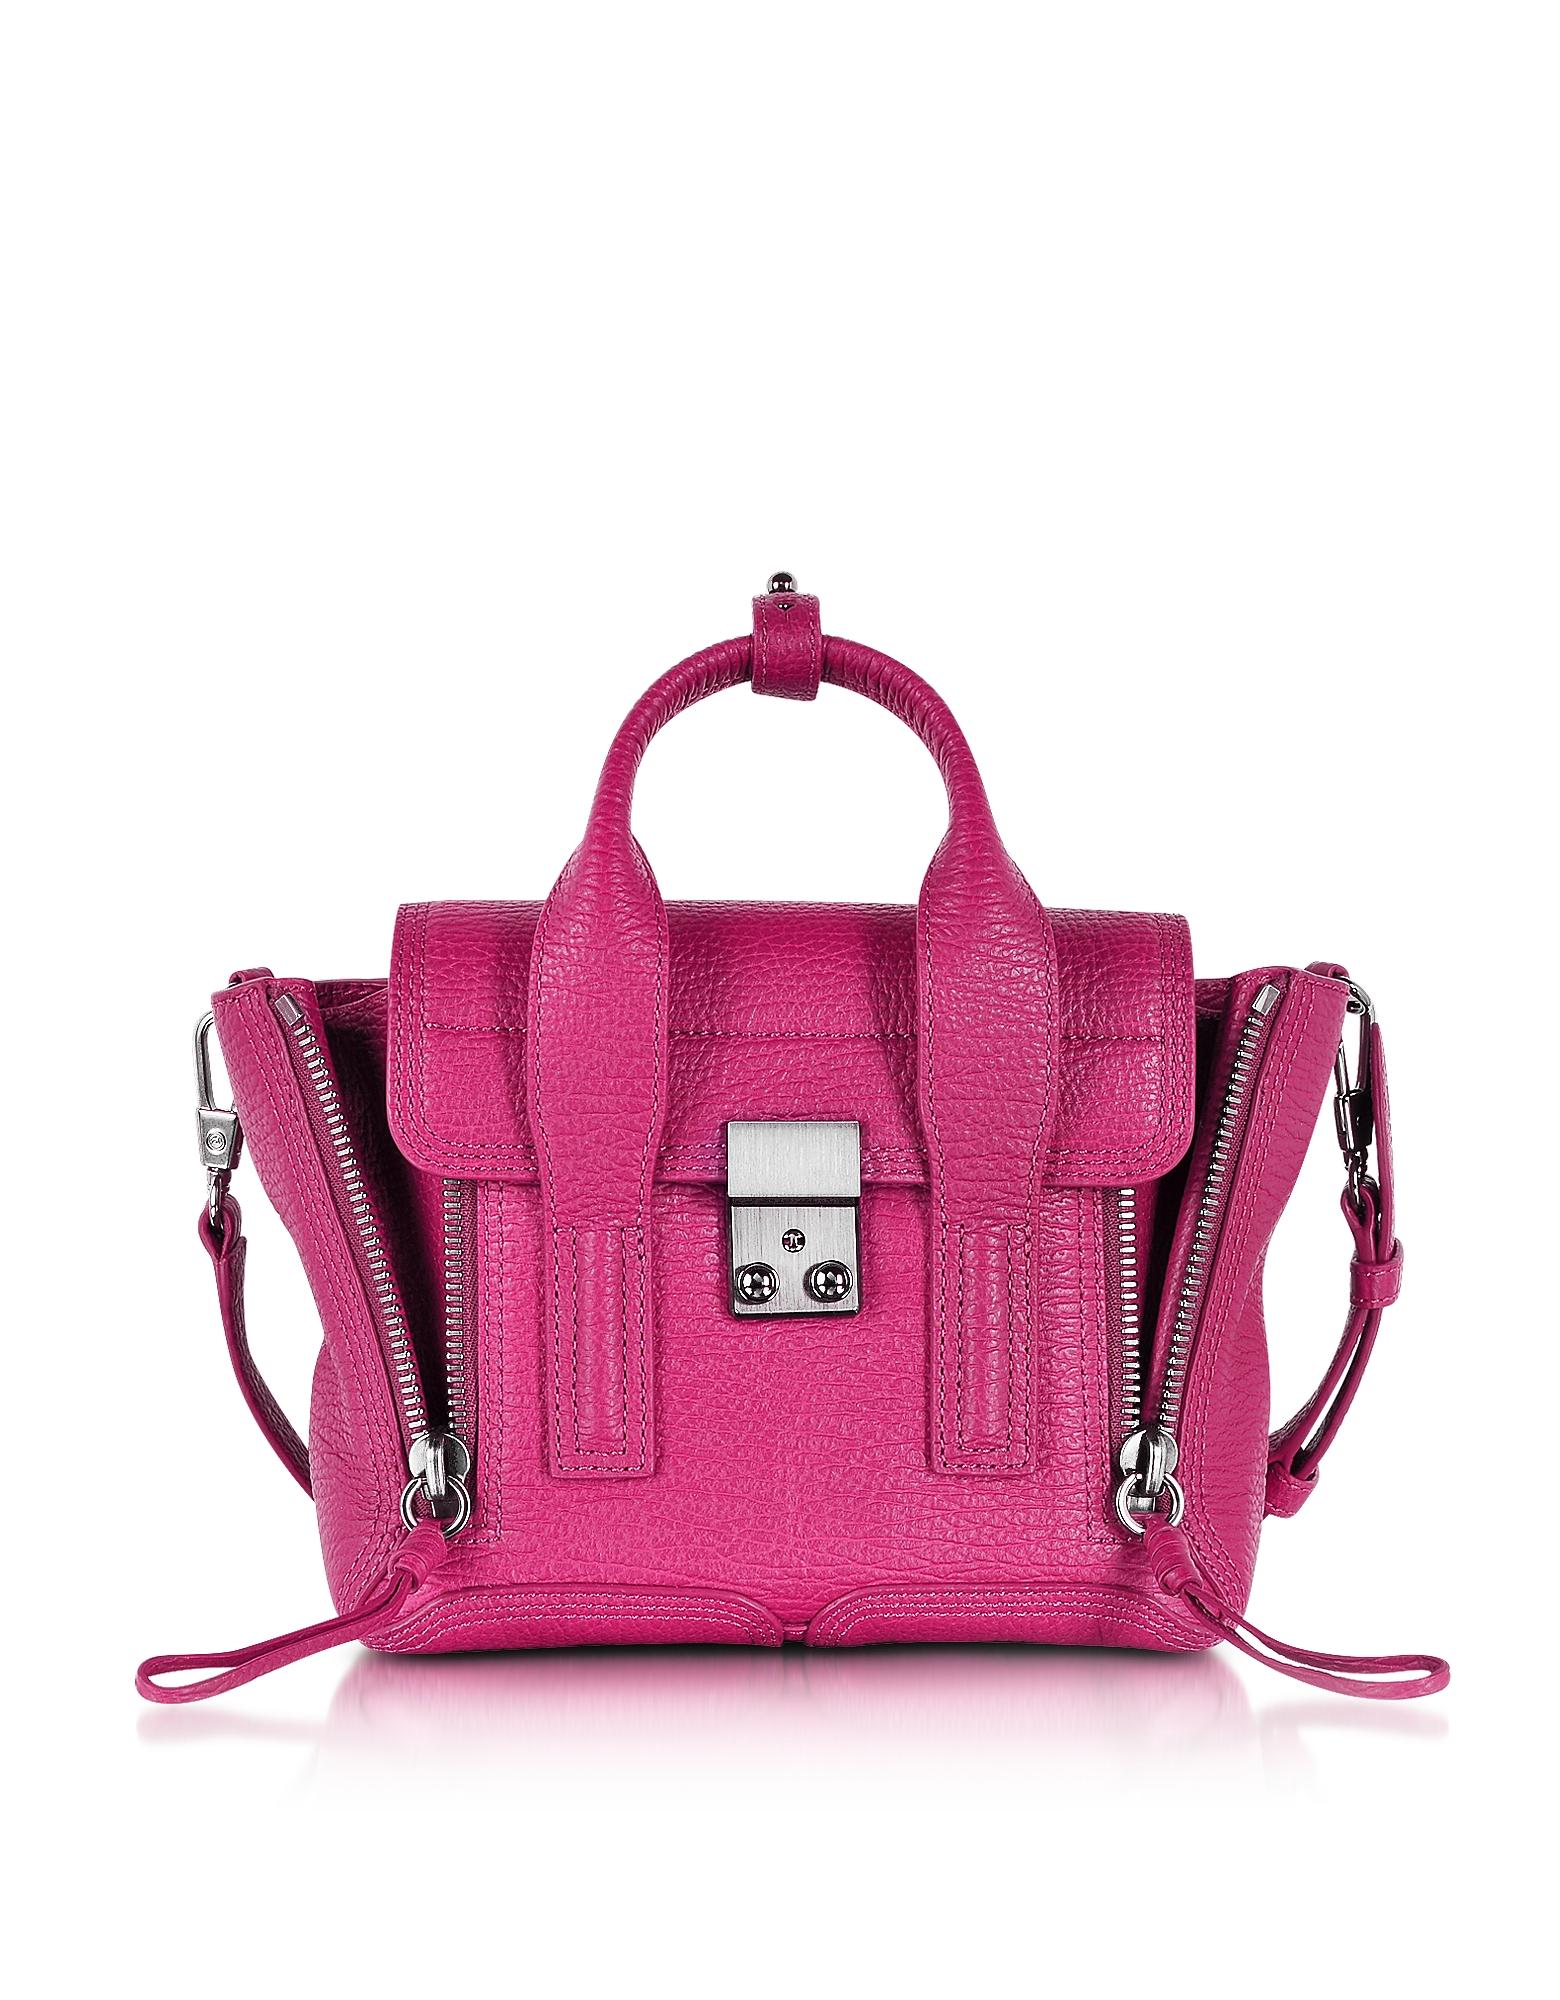 Фото Pashli - Маленькая Пурпурная Кожаная Сумка. Купить с доставкой